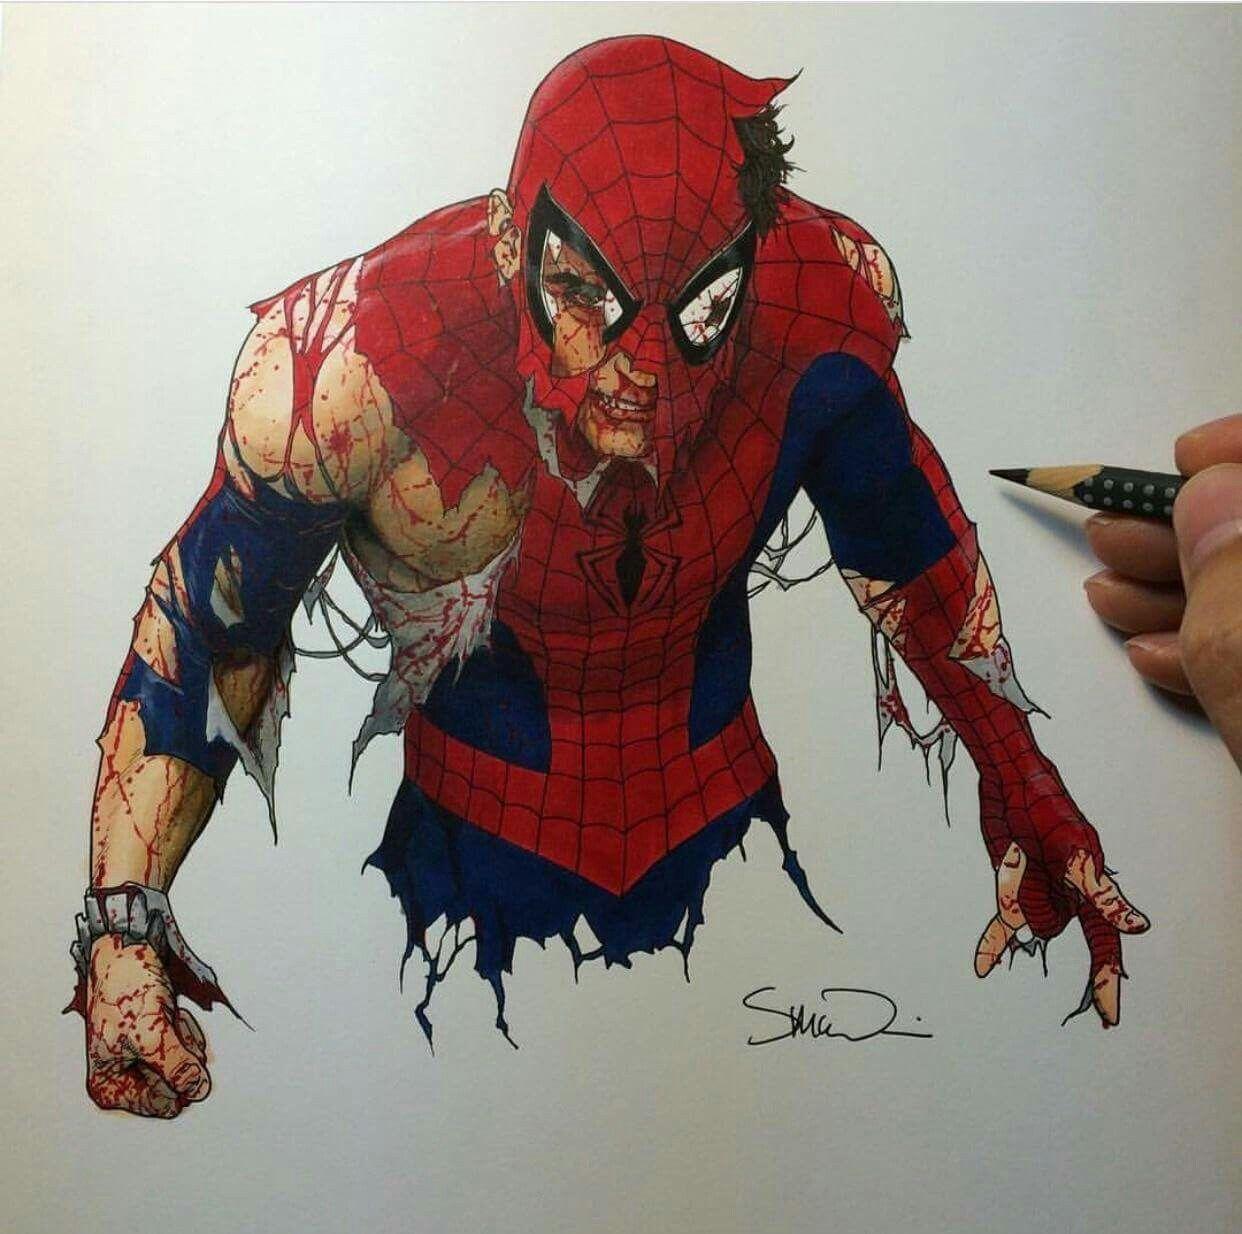 Free Comic Book Day Amazing Spider Man: Spiderman, Spider-Man